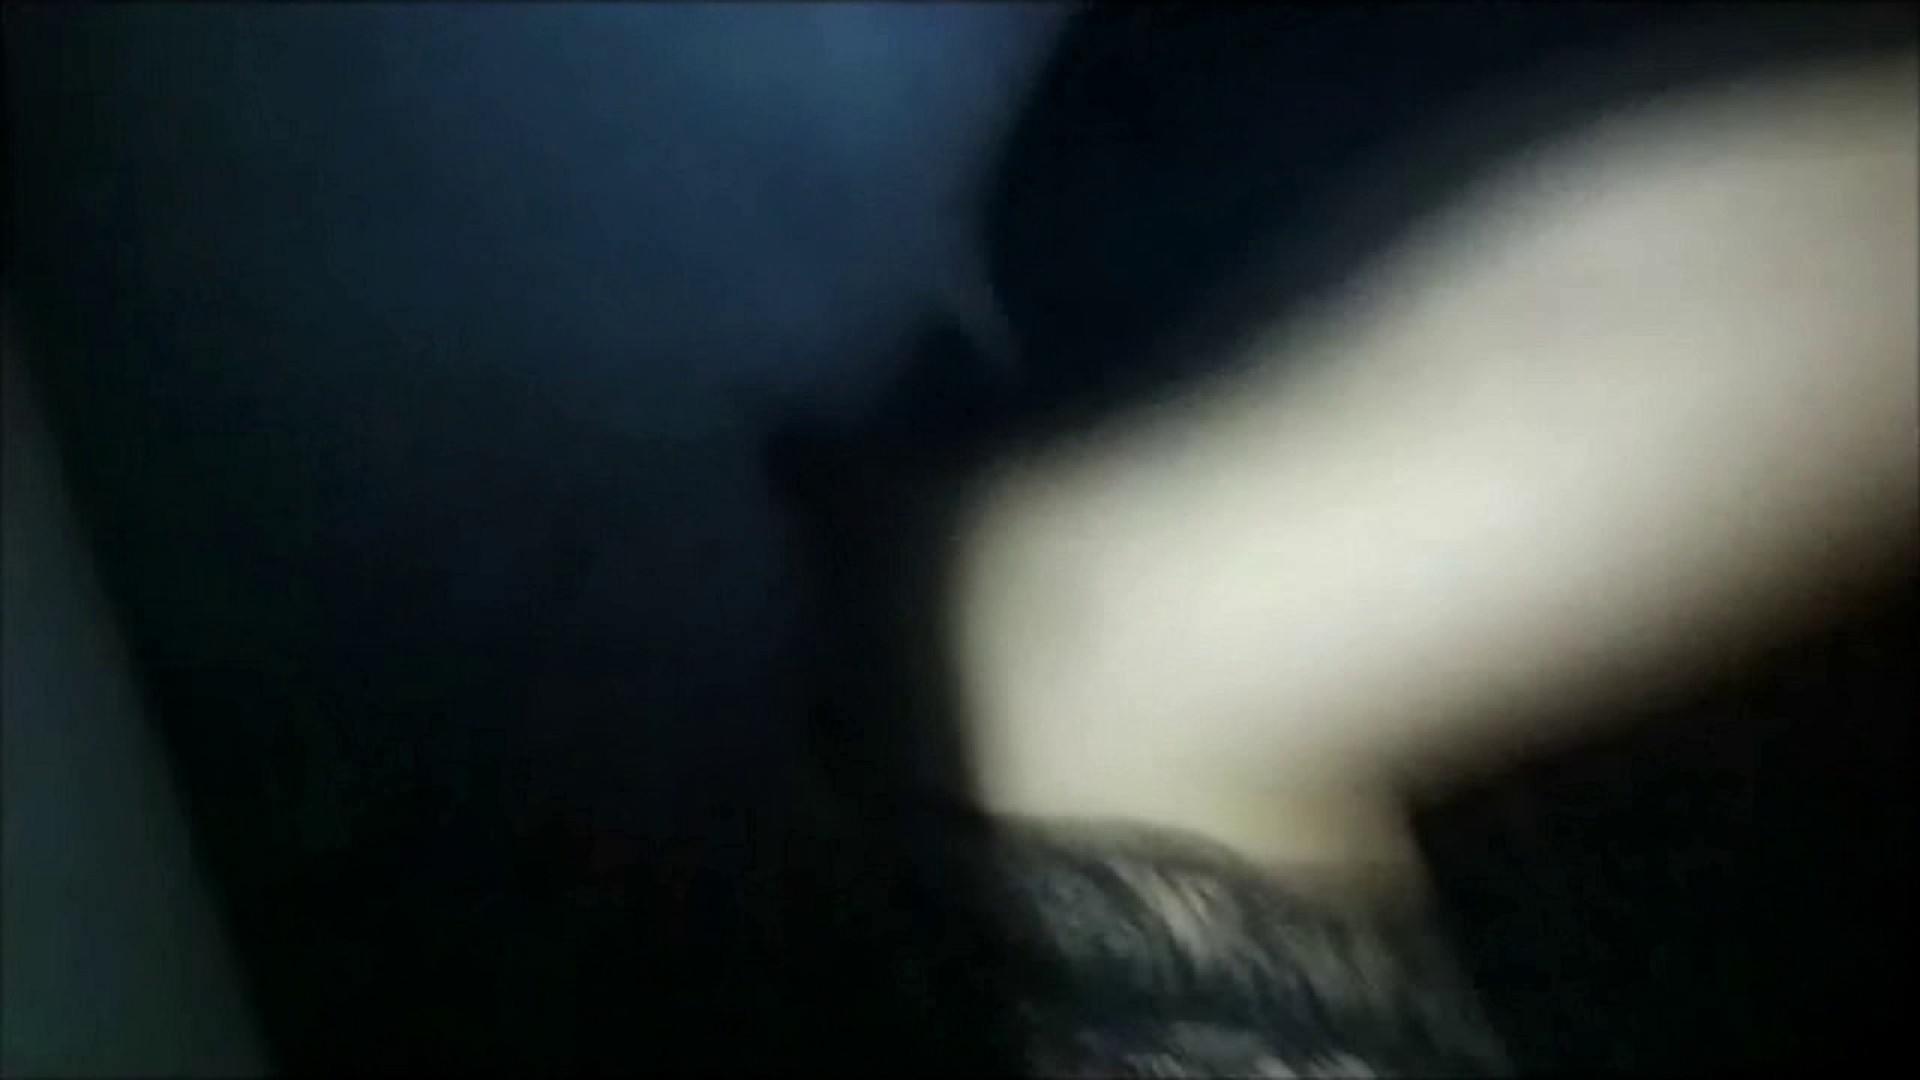 魔術師の お・も・て・な・し vol.05 21歳 美乳にイタズラ 美しいOLの裸体   イタズラ  91pic 76